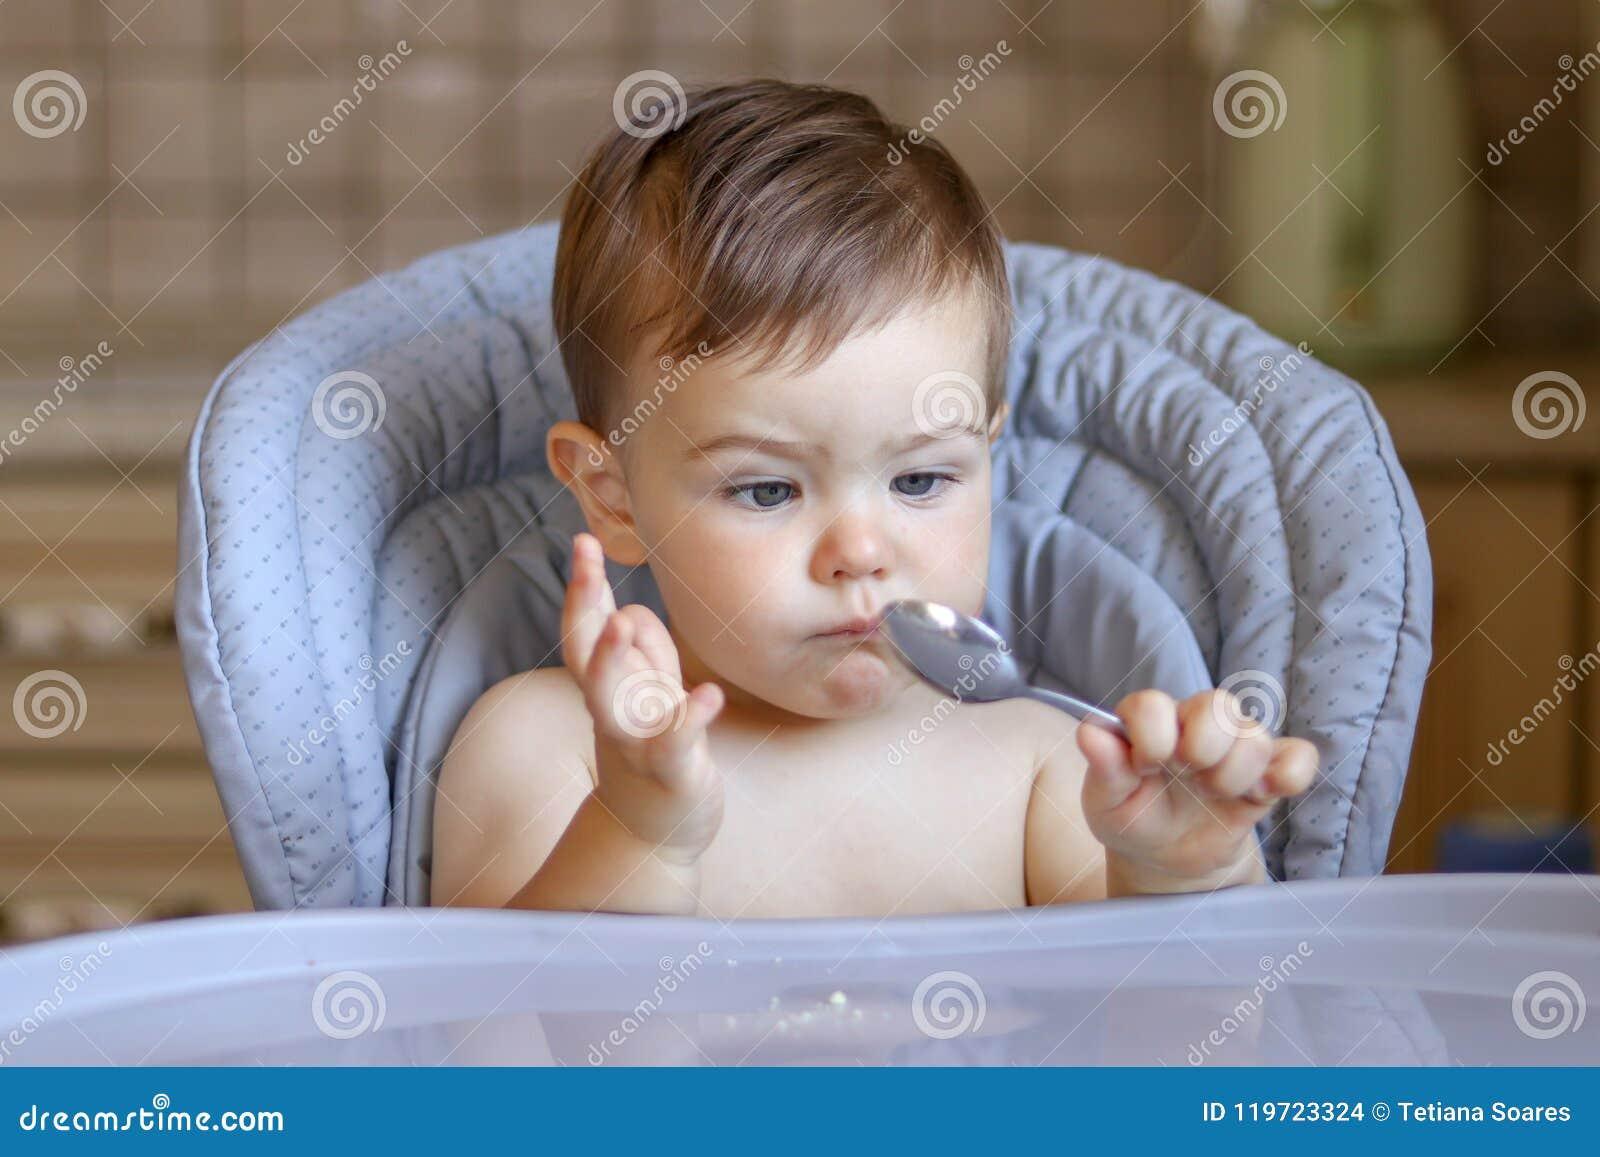 Leuk weinig babyjongen die lepel in zijn hand met grappige verbijsterde gezichtsuitdrukking bekijken